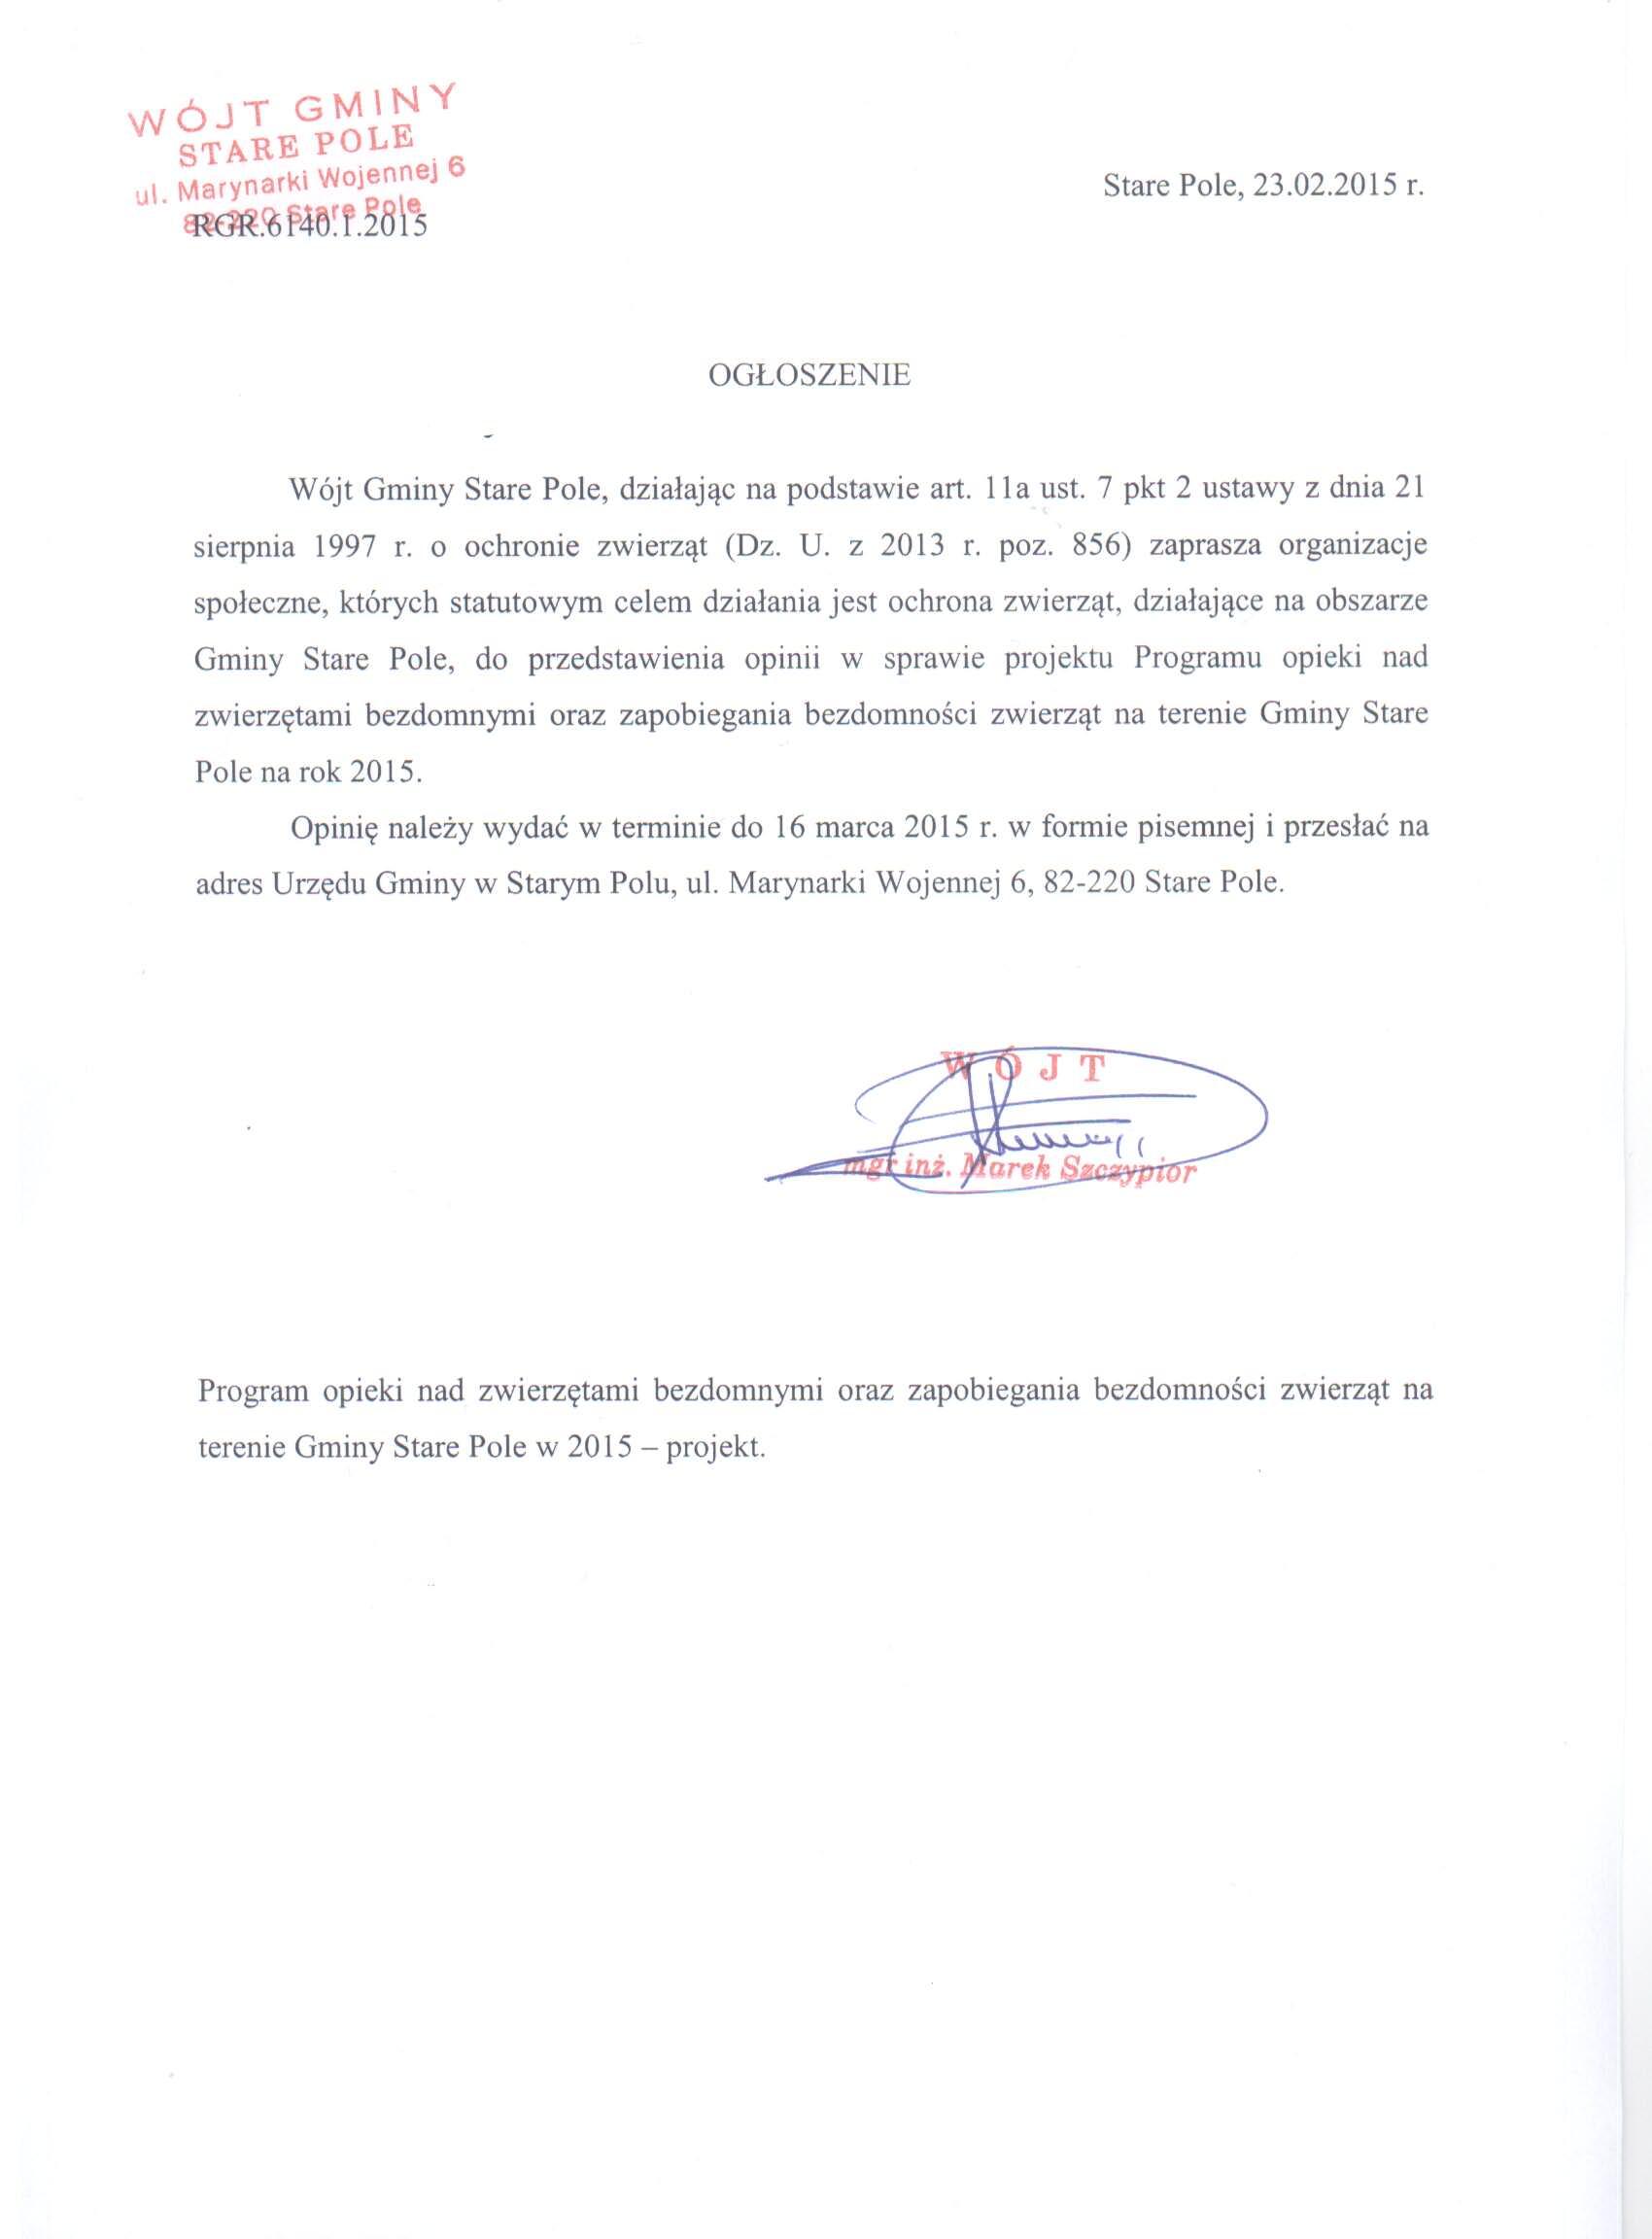 Ogłoszenie Wójta Gminy Stare Pole z dnia 23 lutego 2015 r.